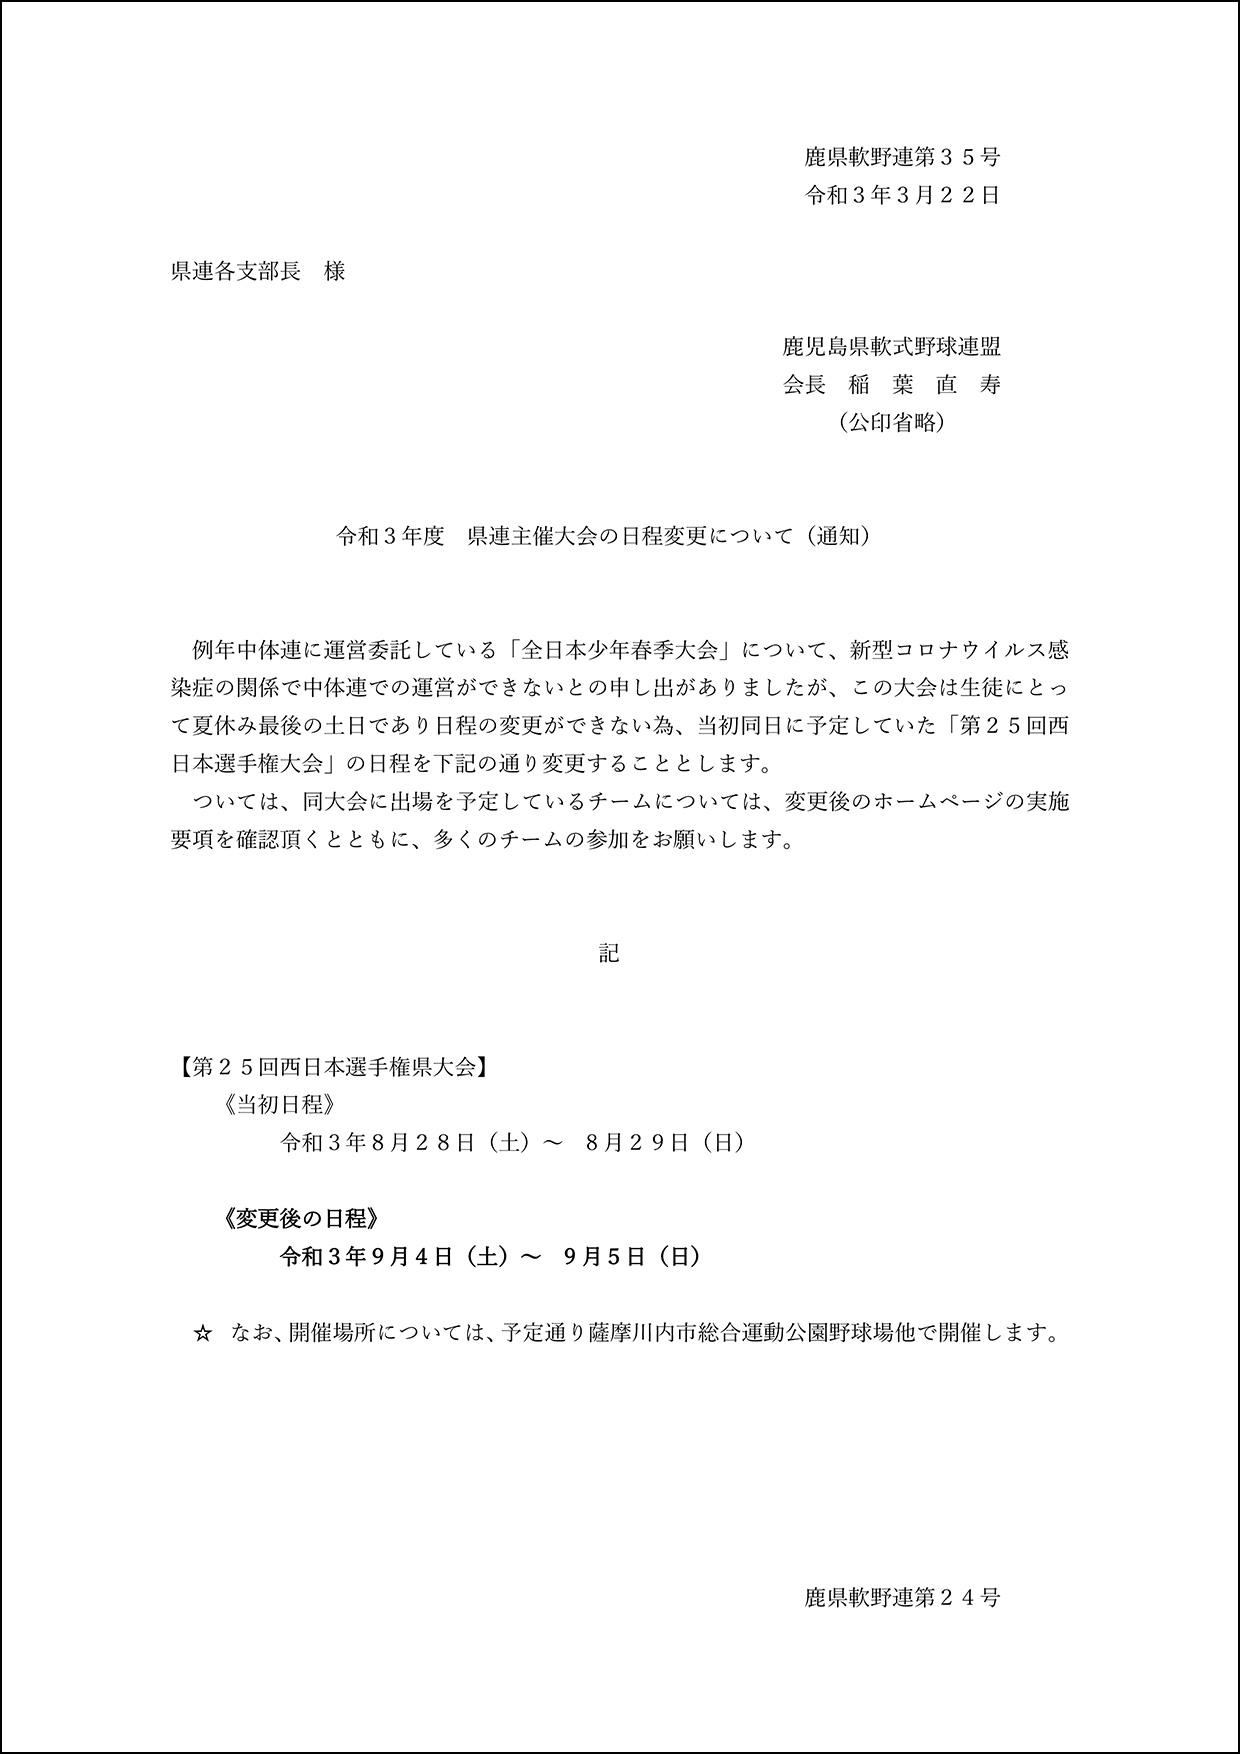 【通知】令和3年度県連主催大会の日程変更について